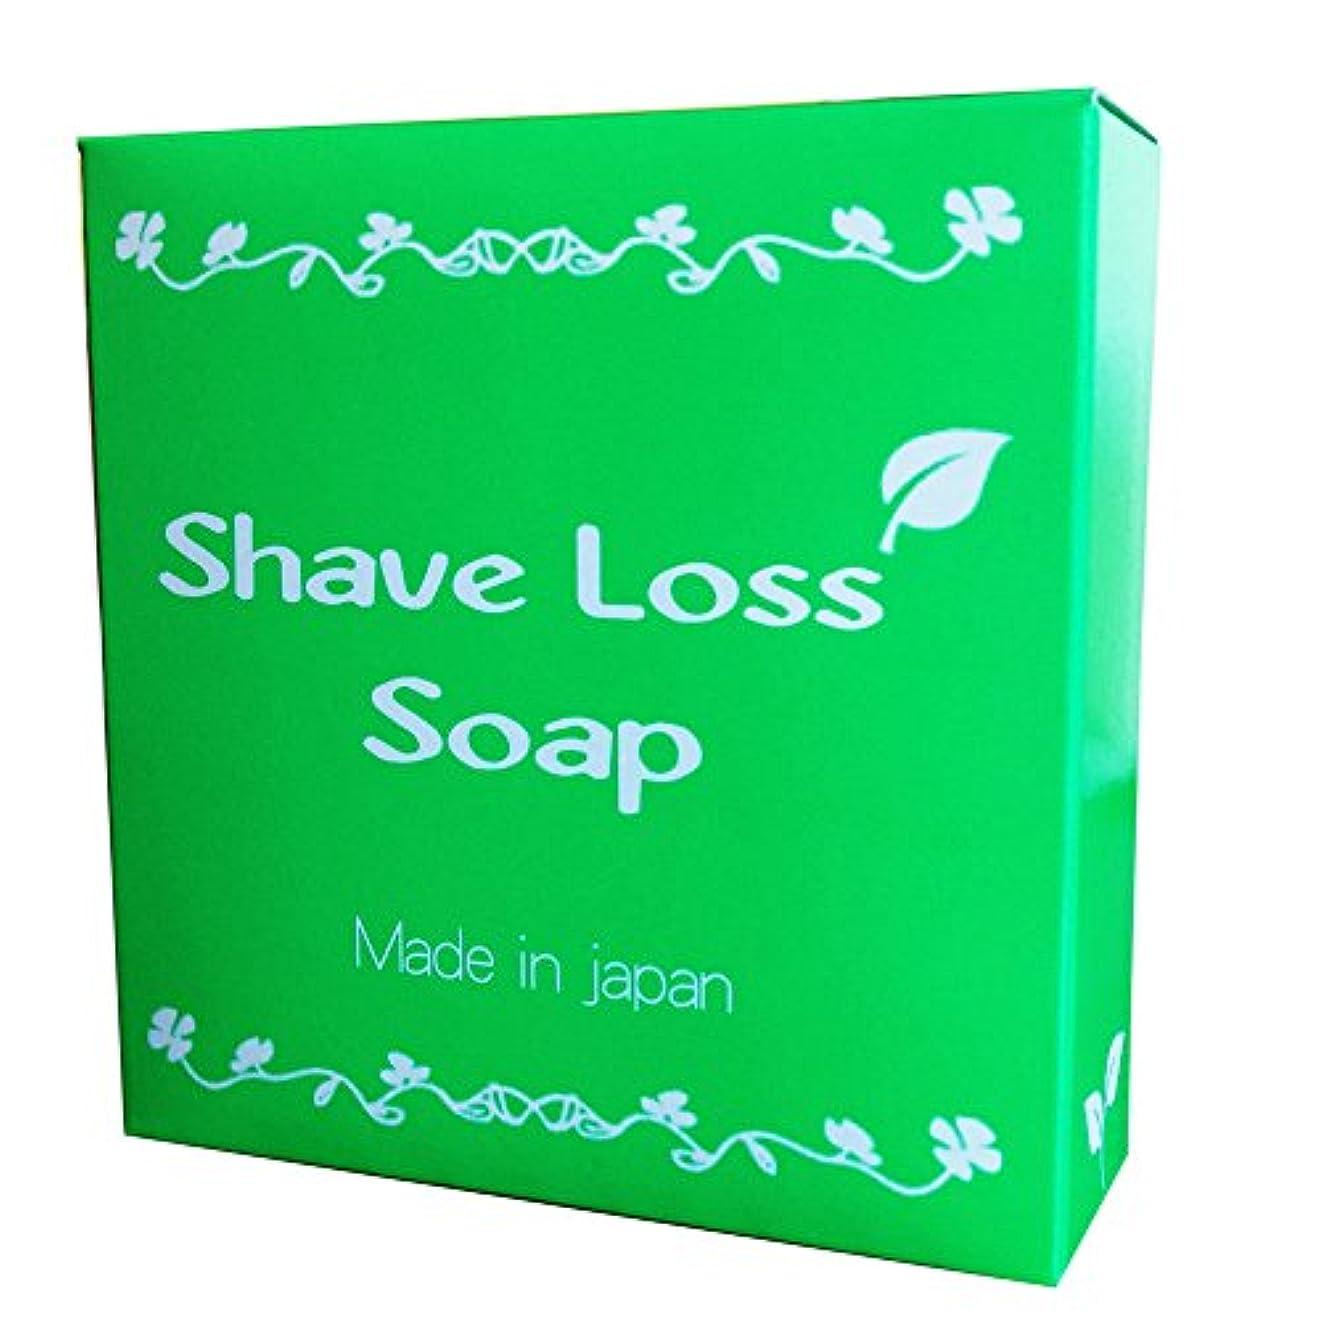 写真撮影指定原油Shave Loss Soap 女性のツルツルを叶える 奇跡の石鹸 80g (1個)